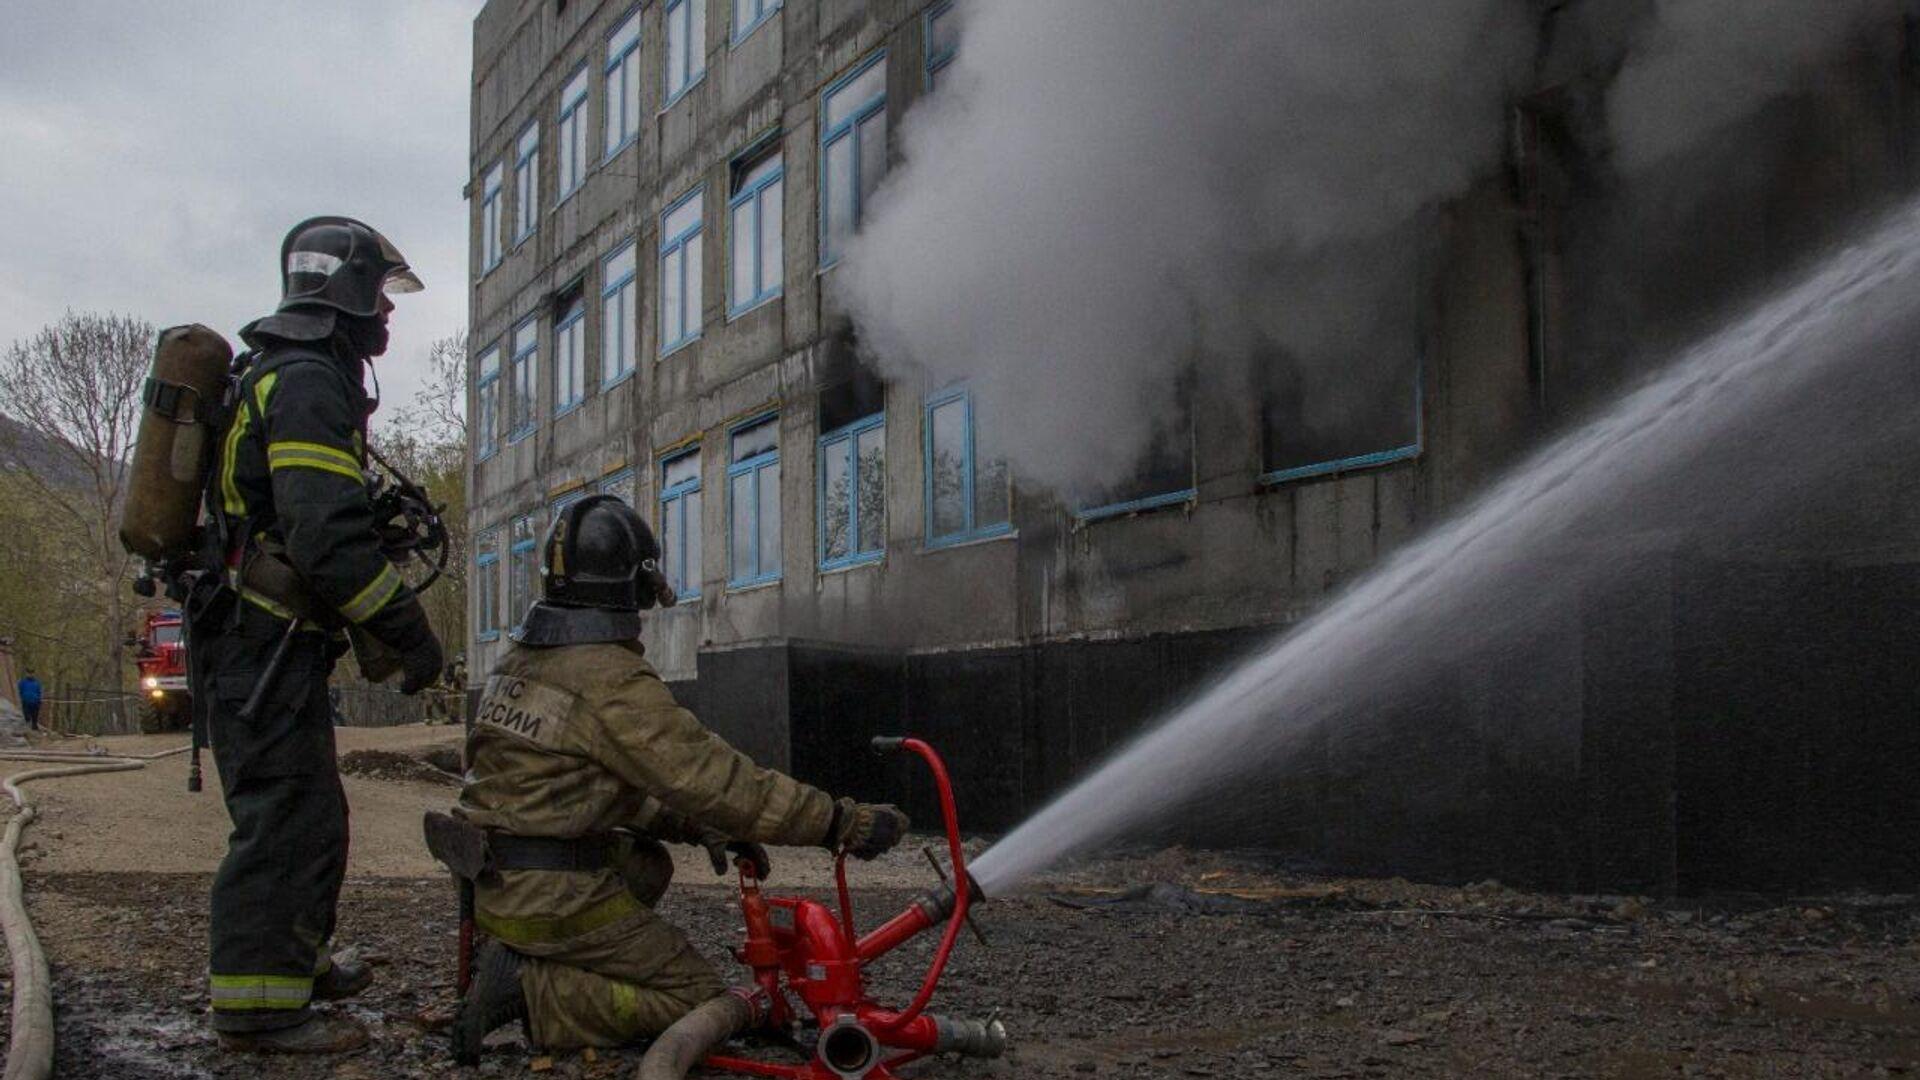 Тушение пожара в здании строящейся школы на Камчатке, 1 июня 2021 - РИА Новости, 1920, 01.06.2021